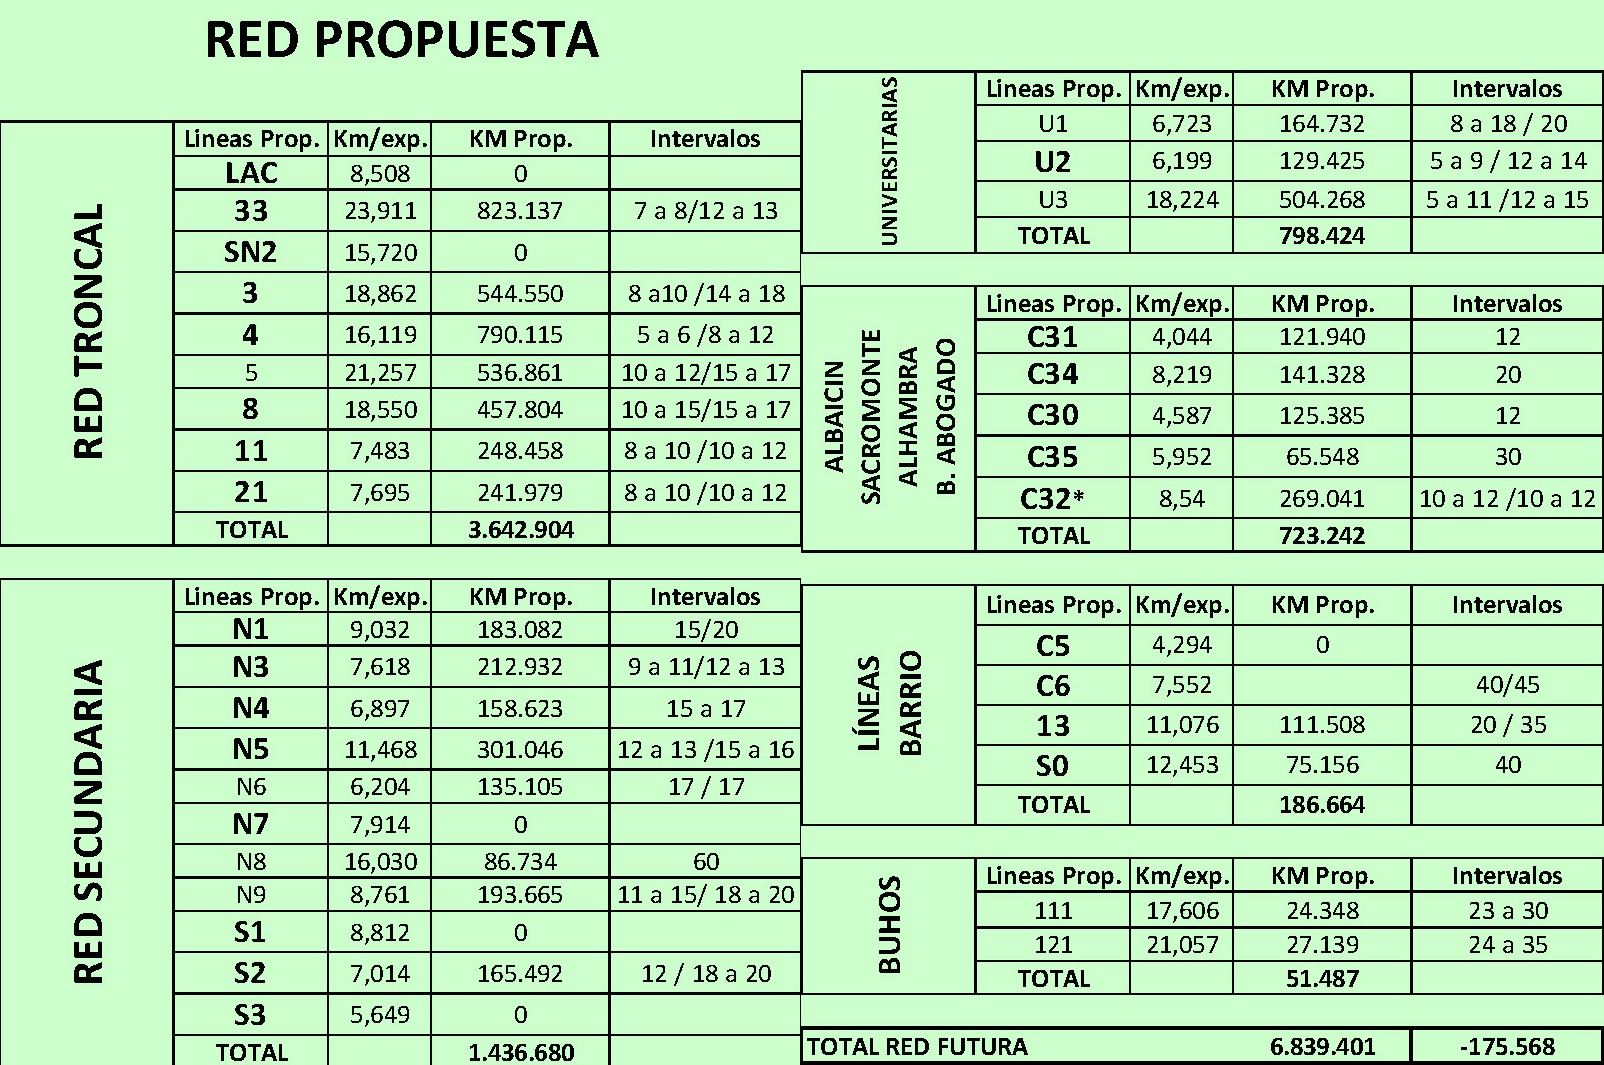 Propuesta de Intervalos de las líneas de autobuses de Granada